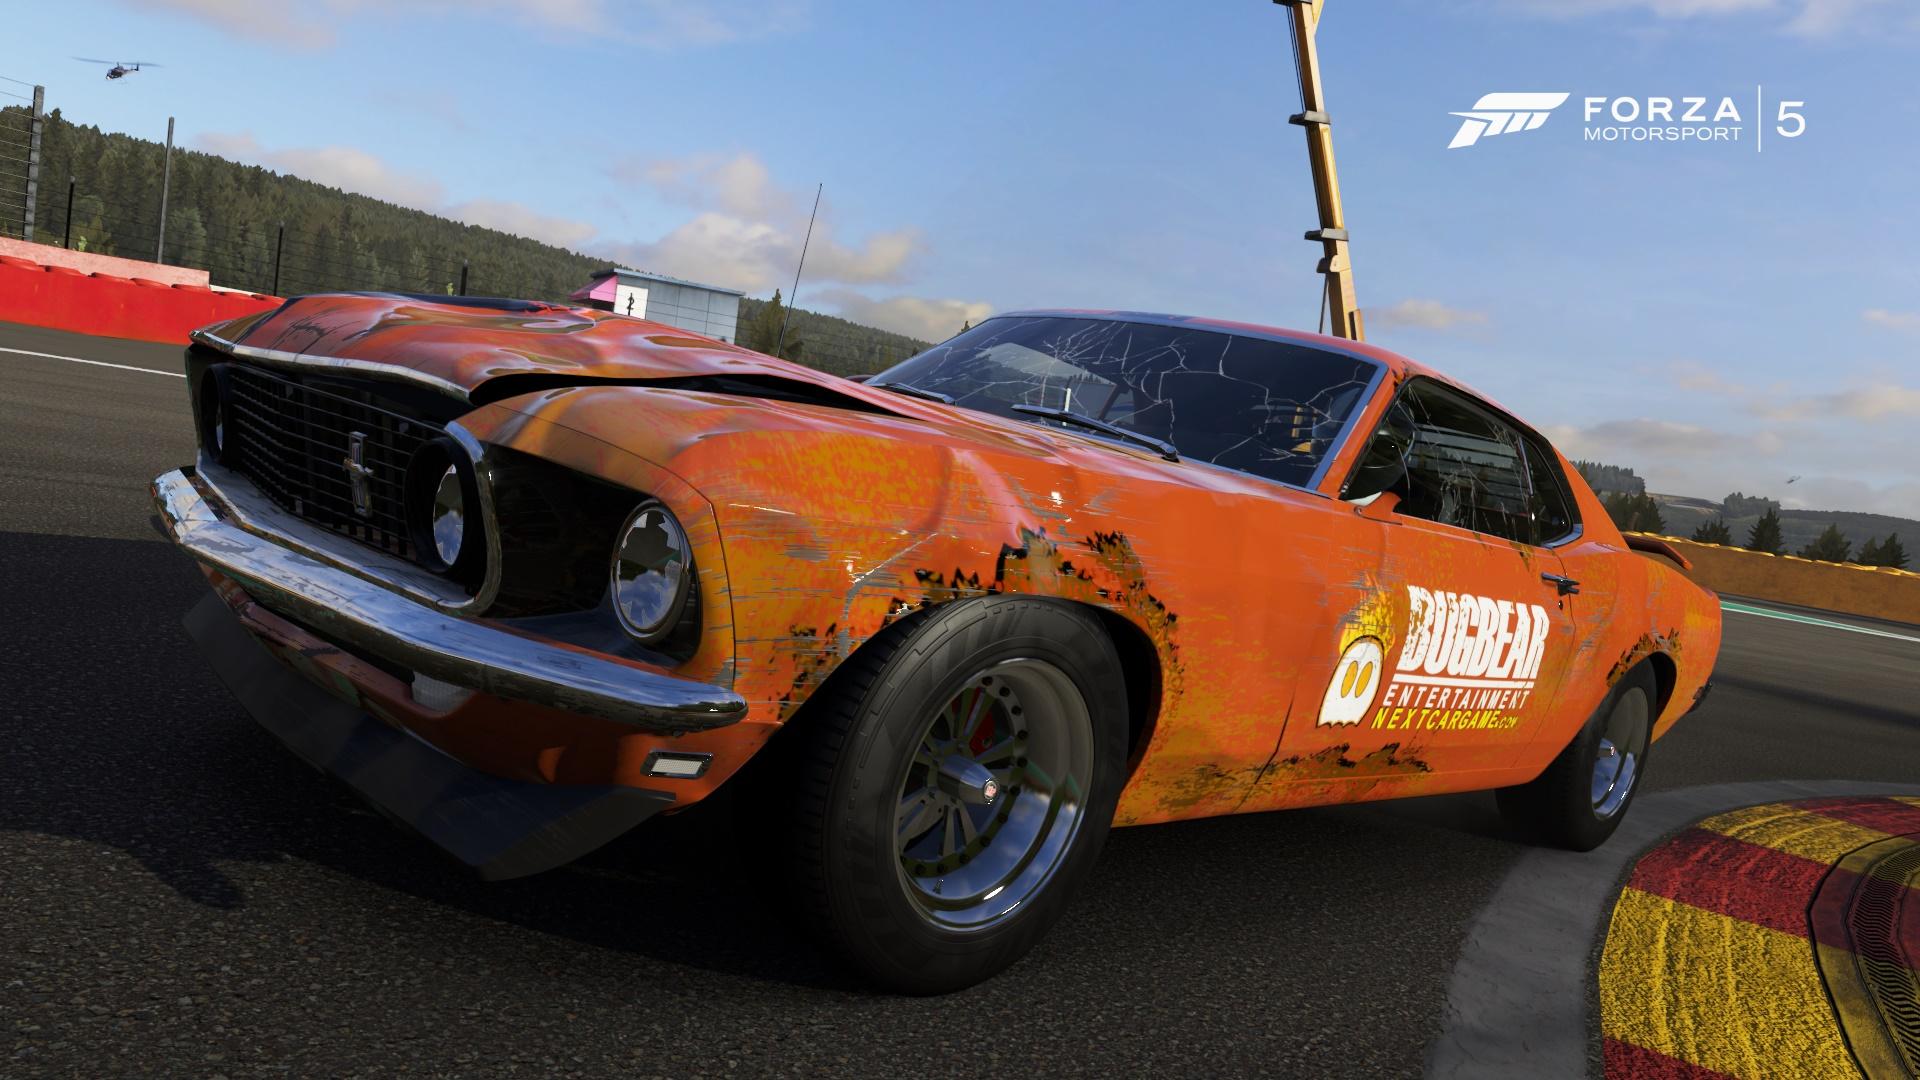 Bugbear s next car game - Wreckfest